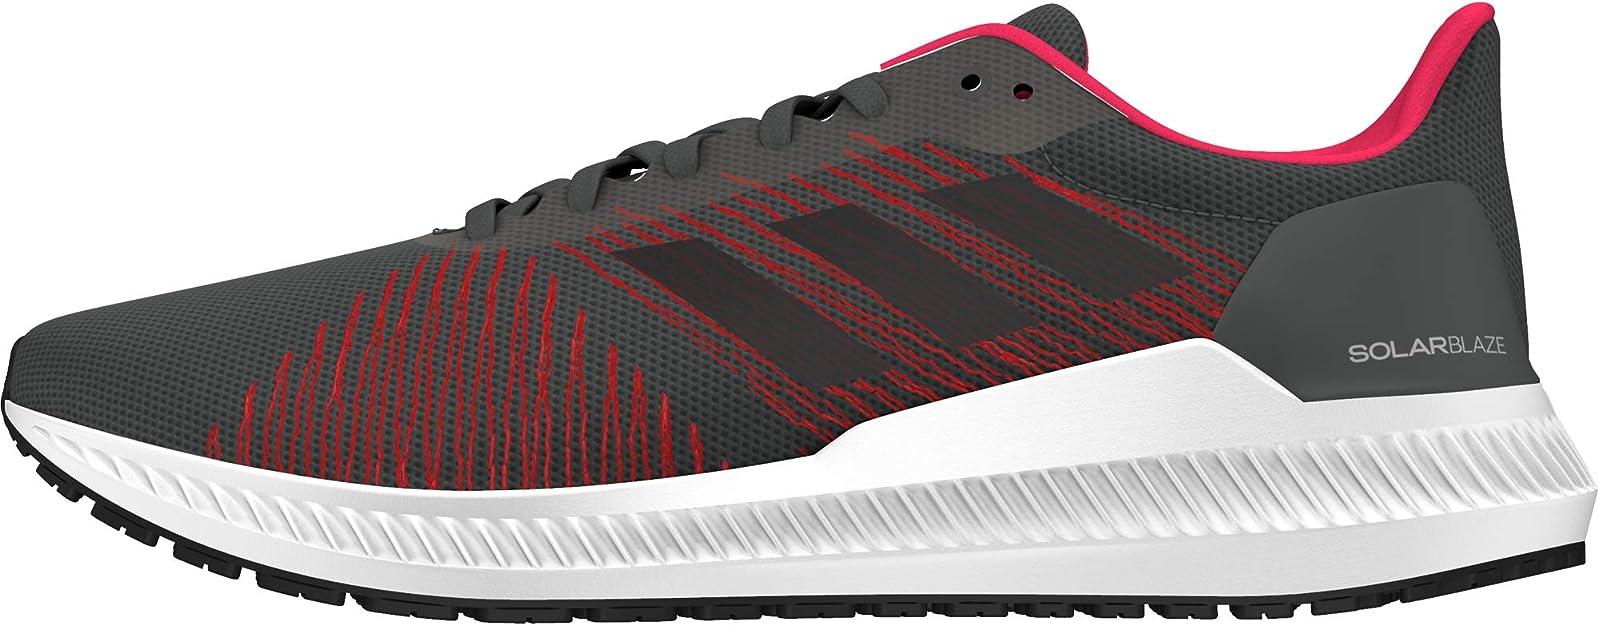 Adidas Solar Blaze M Zapatillas Running Hombre: Amazon.es: Zapatos y complementos